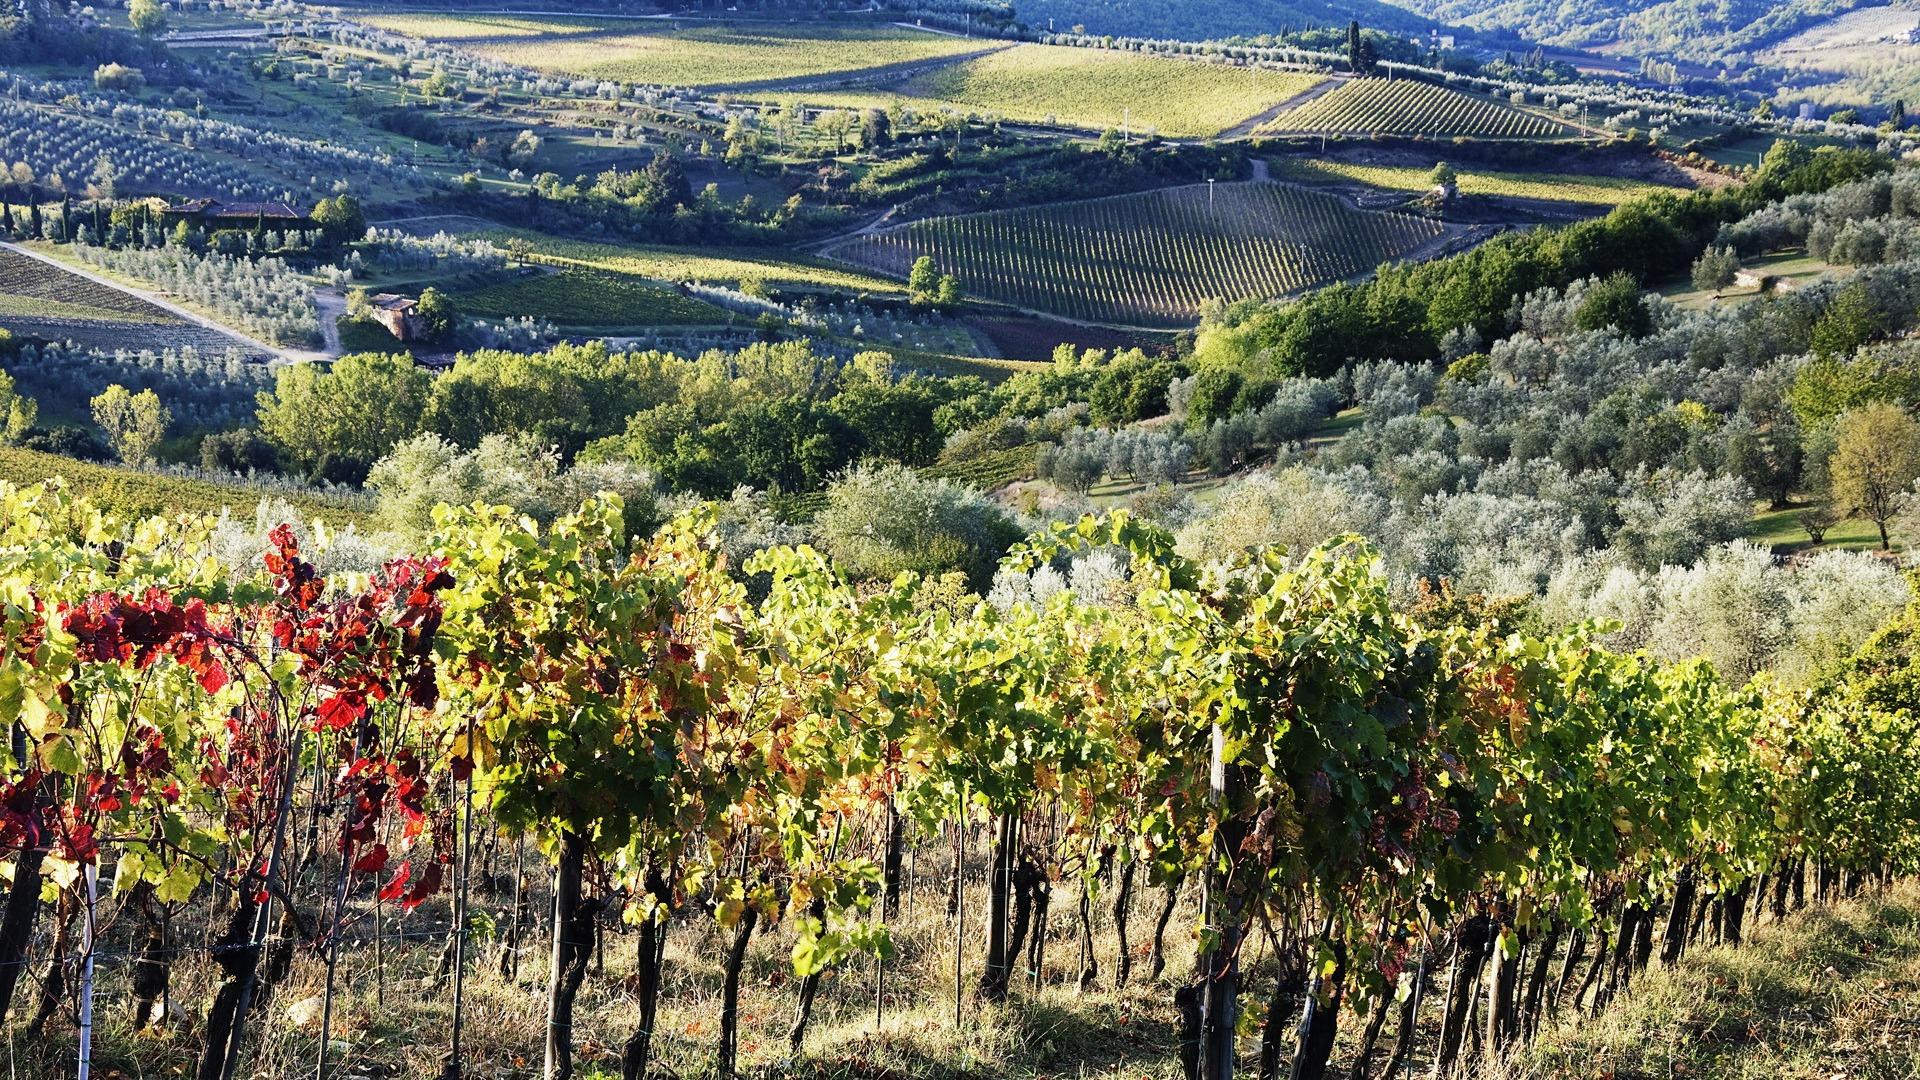 vineyard desktop wallpaper pictures 51263